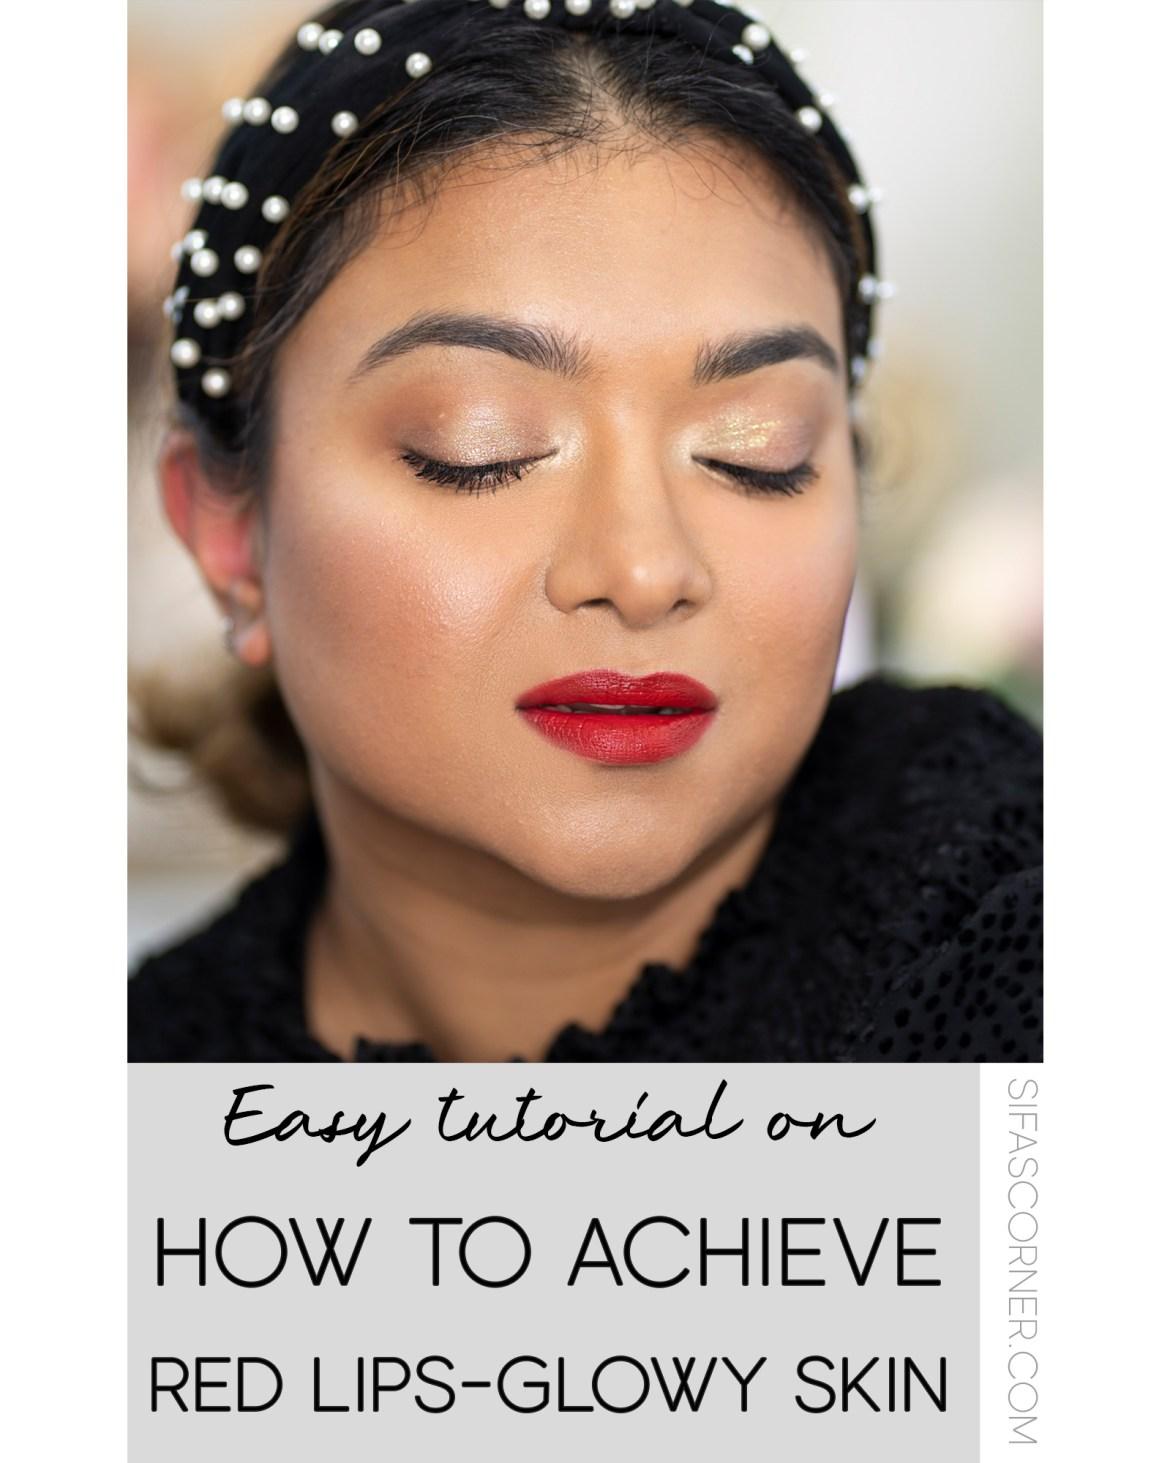 Red lips with Glowy Skin Tutorial